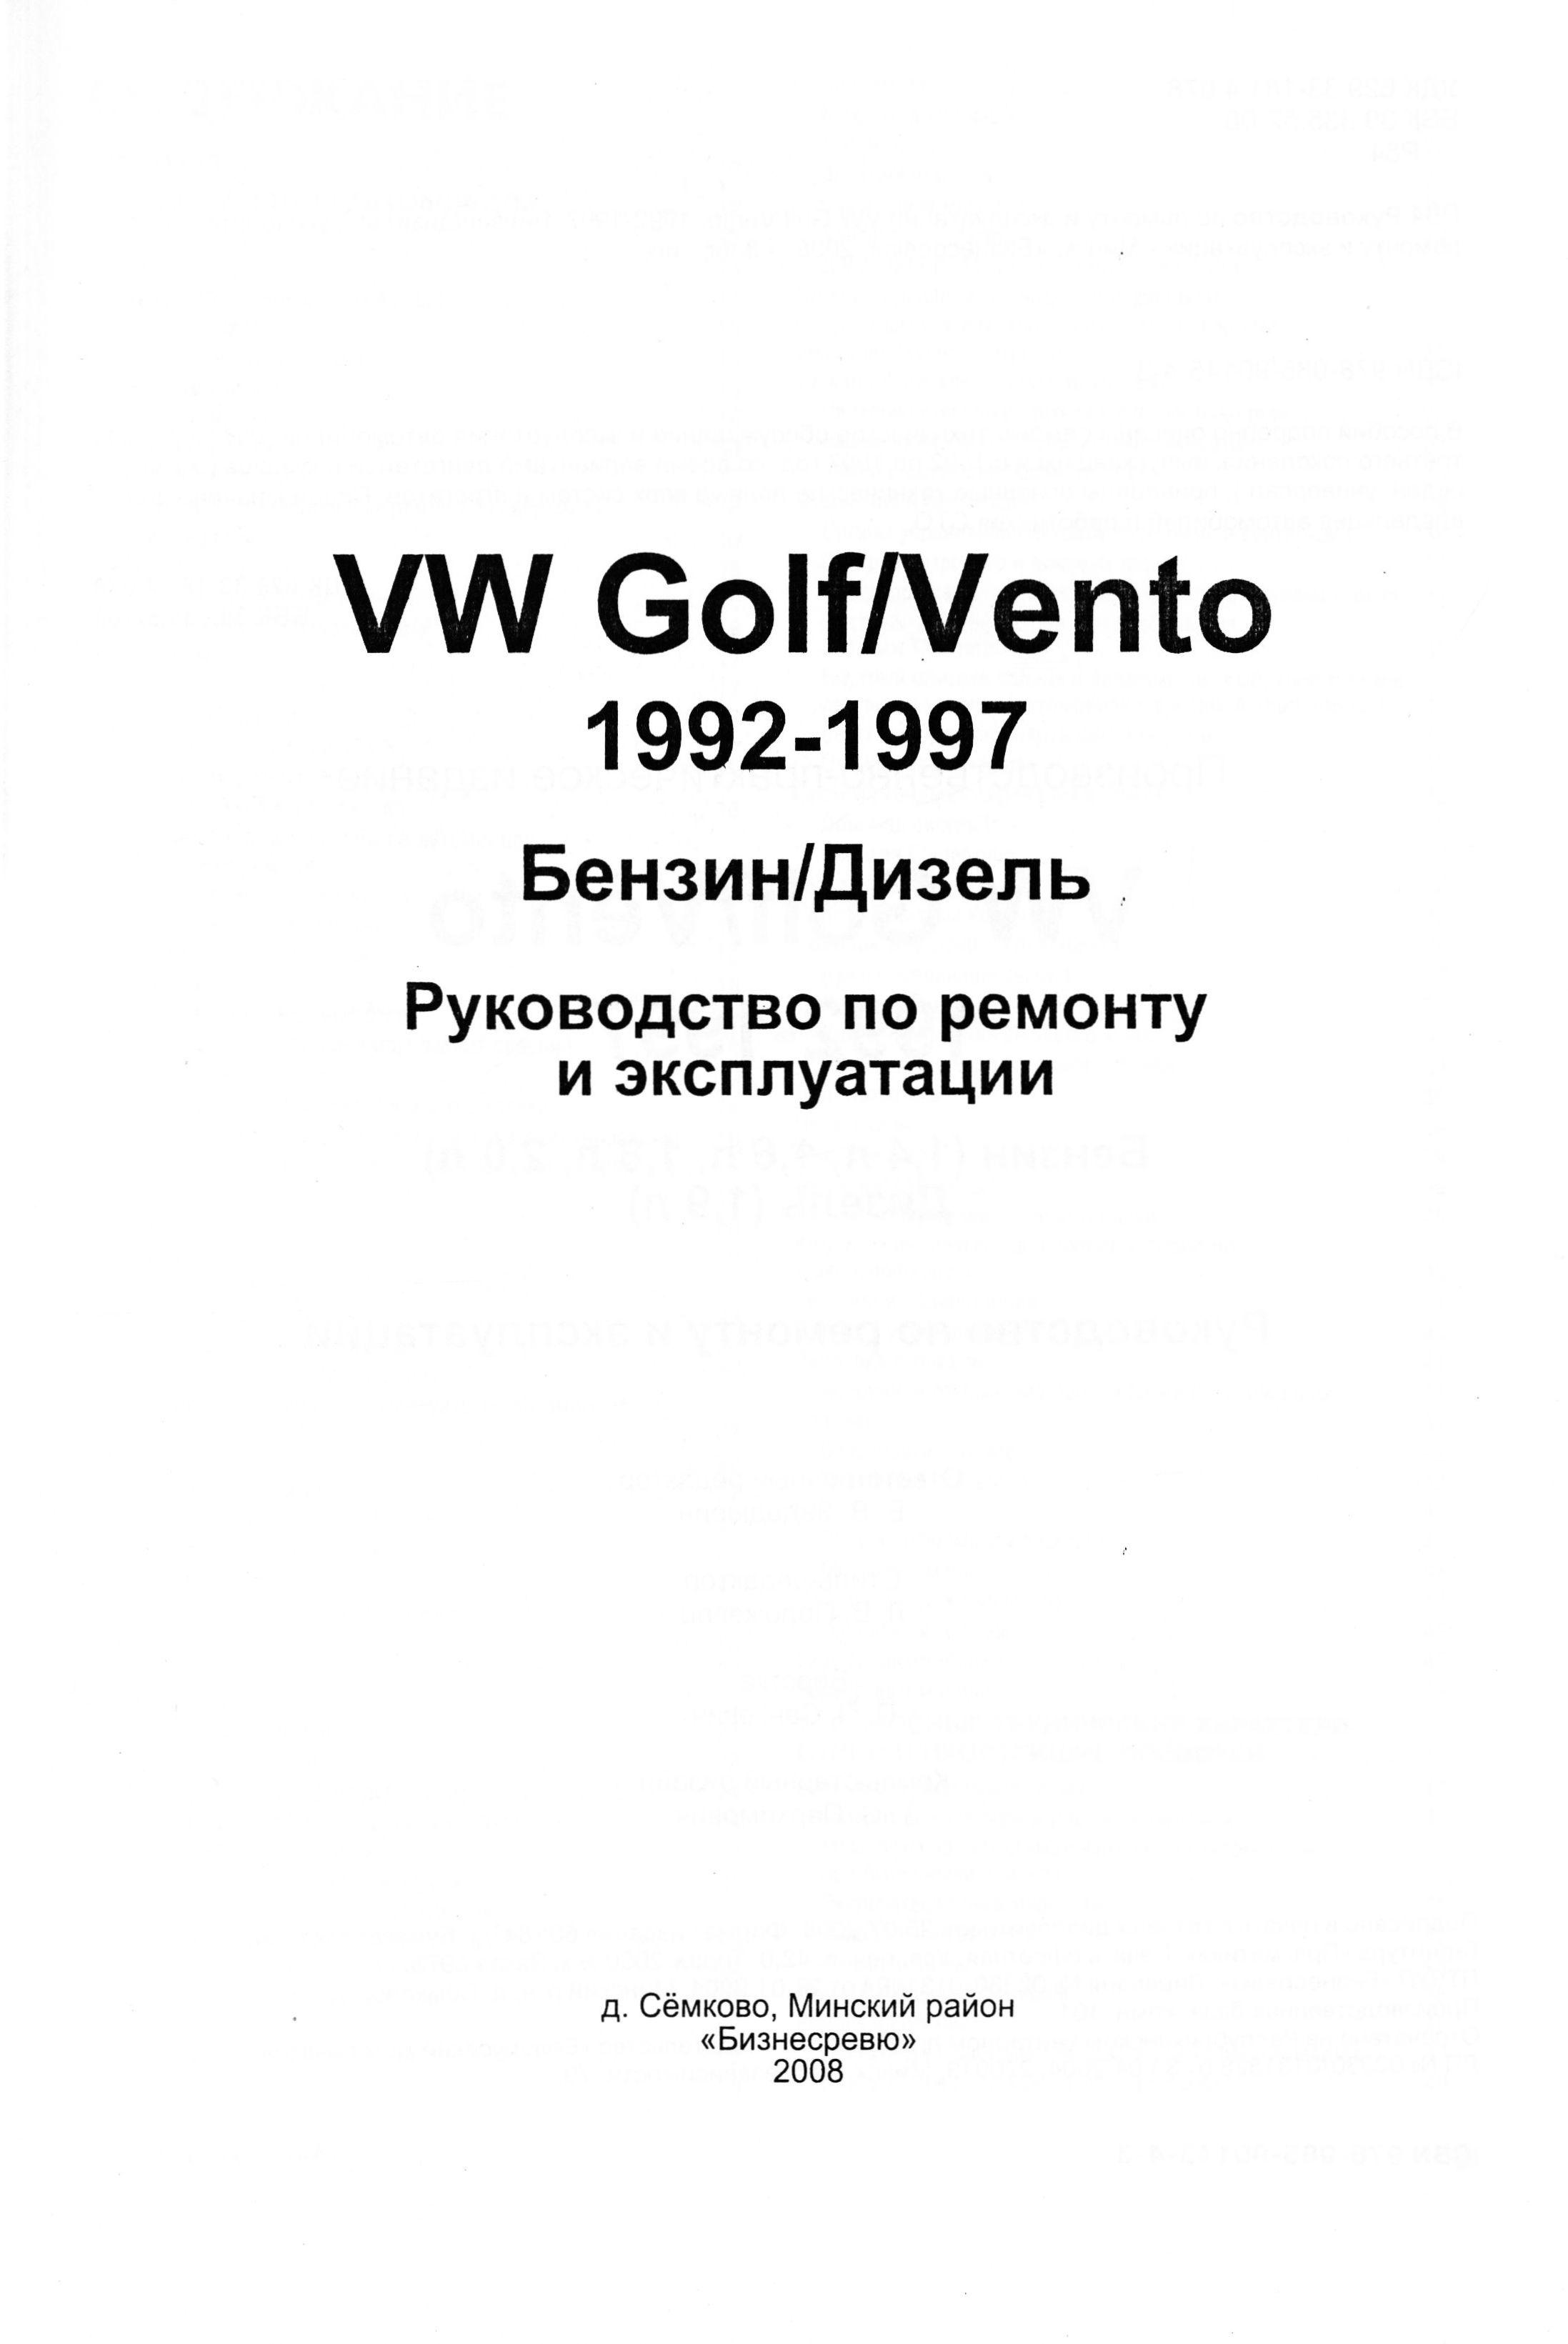 Руководство по ремонту, эксплуатации и обслуживанию - ФОРУМ Vento